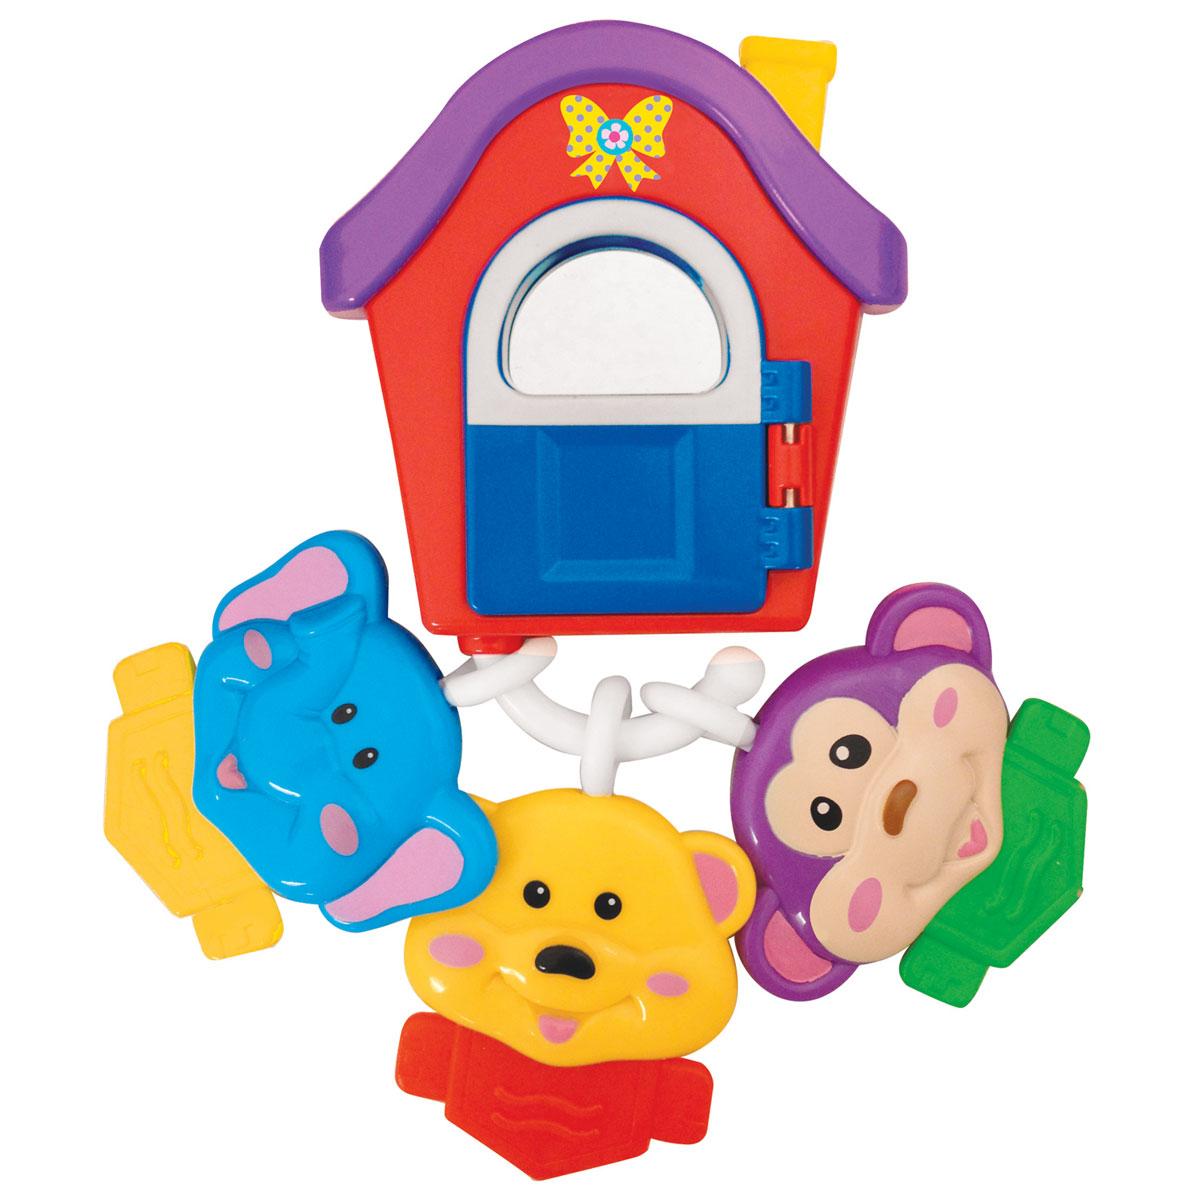 Kiddieland Развивающая игрушка Домик друзейKID 049536Развивающая игрушка Kiddieland Домик друзей это яркая, красочная музыкальная погремушка, которая развлечет малыша веселой музыкой и познакомит с интересной компанией зверюшек. Забавные и жизнерадостные слоник, мартышка и медвежонок готовы развлечь и рассмешить малыша. Фигурки выполнены из высококачественных материалов и абсолютно безопасны для малыша, поэтому их можно использовать как прорезыватели. Домик этих милых зверюшек имеет открывающуюся дверку и безопасное зеркальце, в котором малыш сможет рассматривать свое отражение под веселую мелодию. Игрушка способствует развитию мелкой моторики, слухового и зрительного восприятия. Рекомендуемый возраст: от 3 месяцев. Питание: 3 батарейки типа LR44 (входят в комплект).